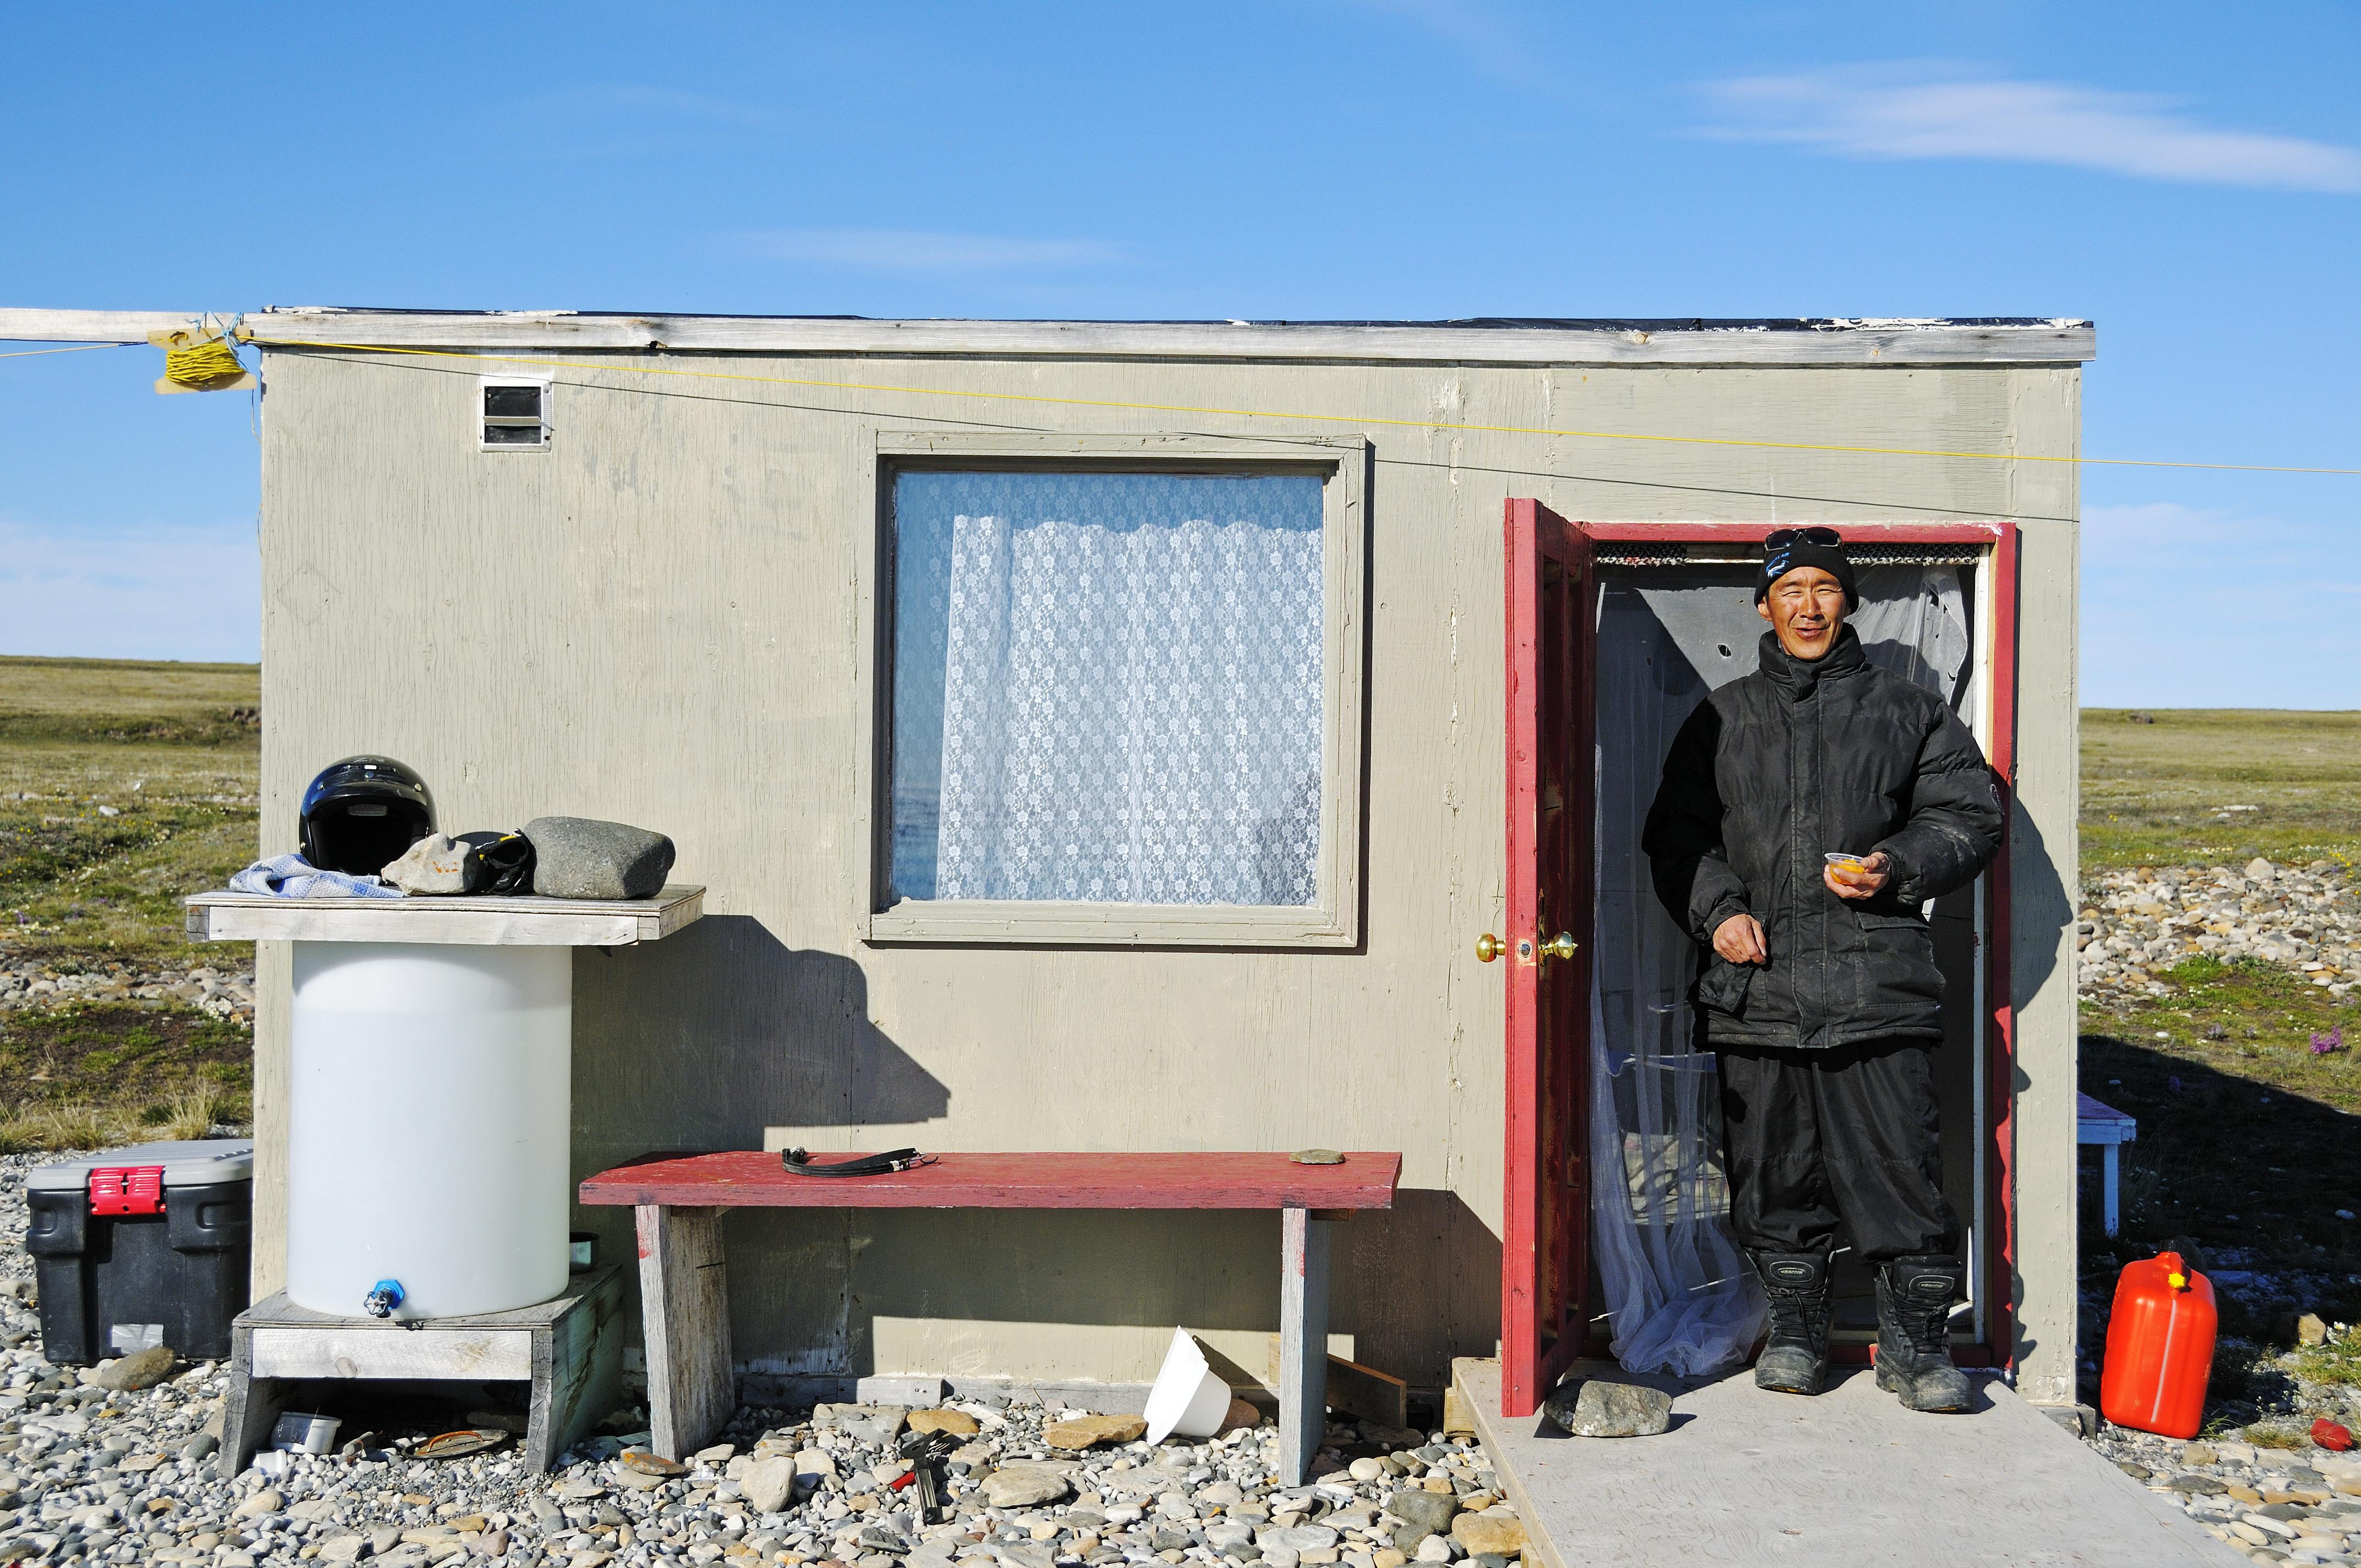 Mann vom Volk der Inuit vor seiner Angel-Hütte am Ufer der Beaufort Sea, Nordpolarmeer, Victoria Island (vorher Holman Island), Dorf Ulukhaktok, Northwest Territories, Kanada, Amerika